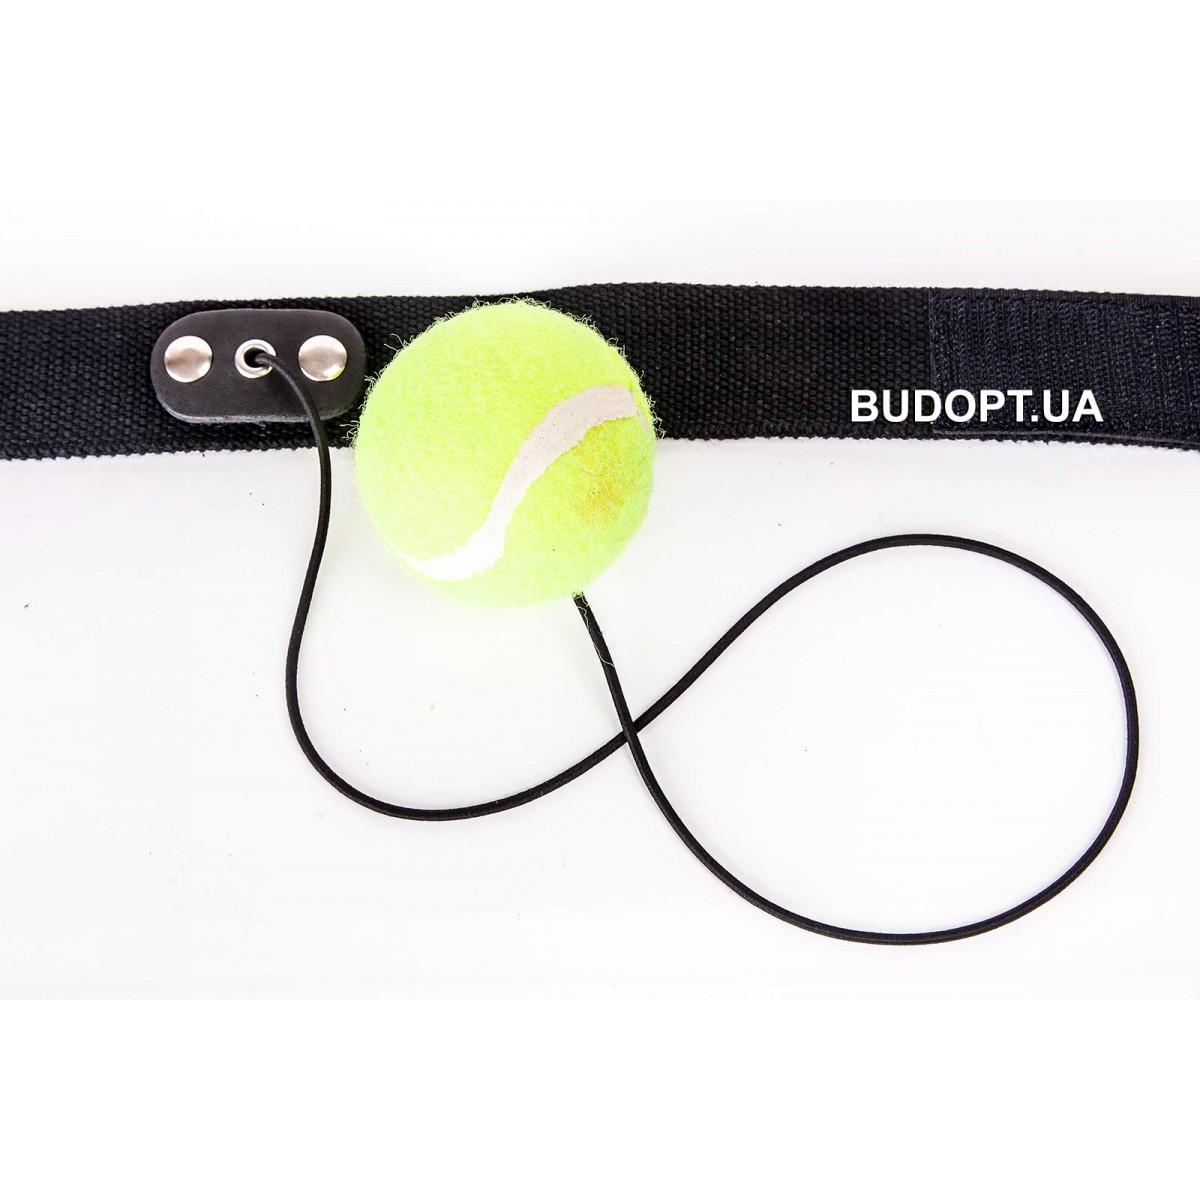 Теннисный мяч в боксе мяч на резинке видео 10